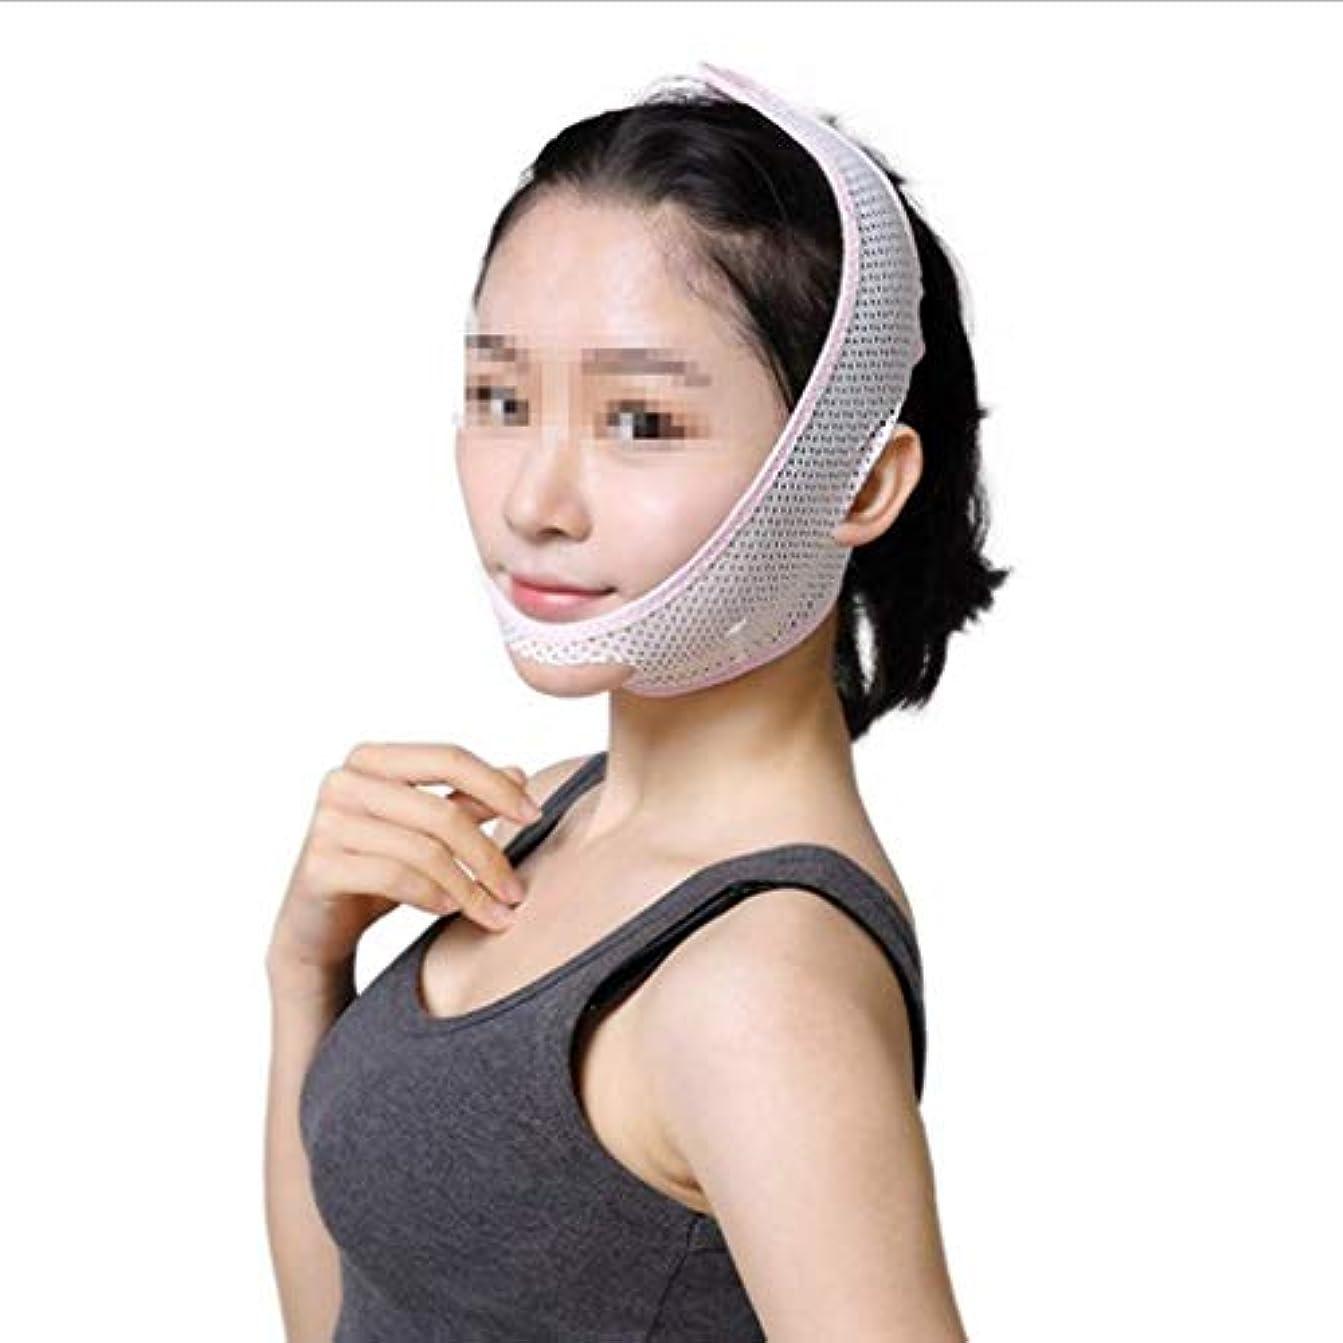 後継駐地未満超薄型通気性フェイスマスク、包帯Vフェイスマスクフェイスリフティングファーミングダブルチンシンフェイスベルト(サイズ:M),M